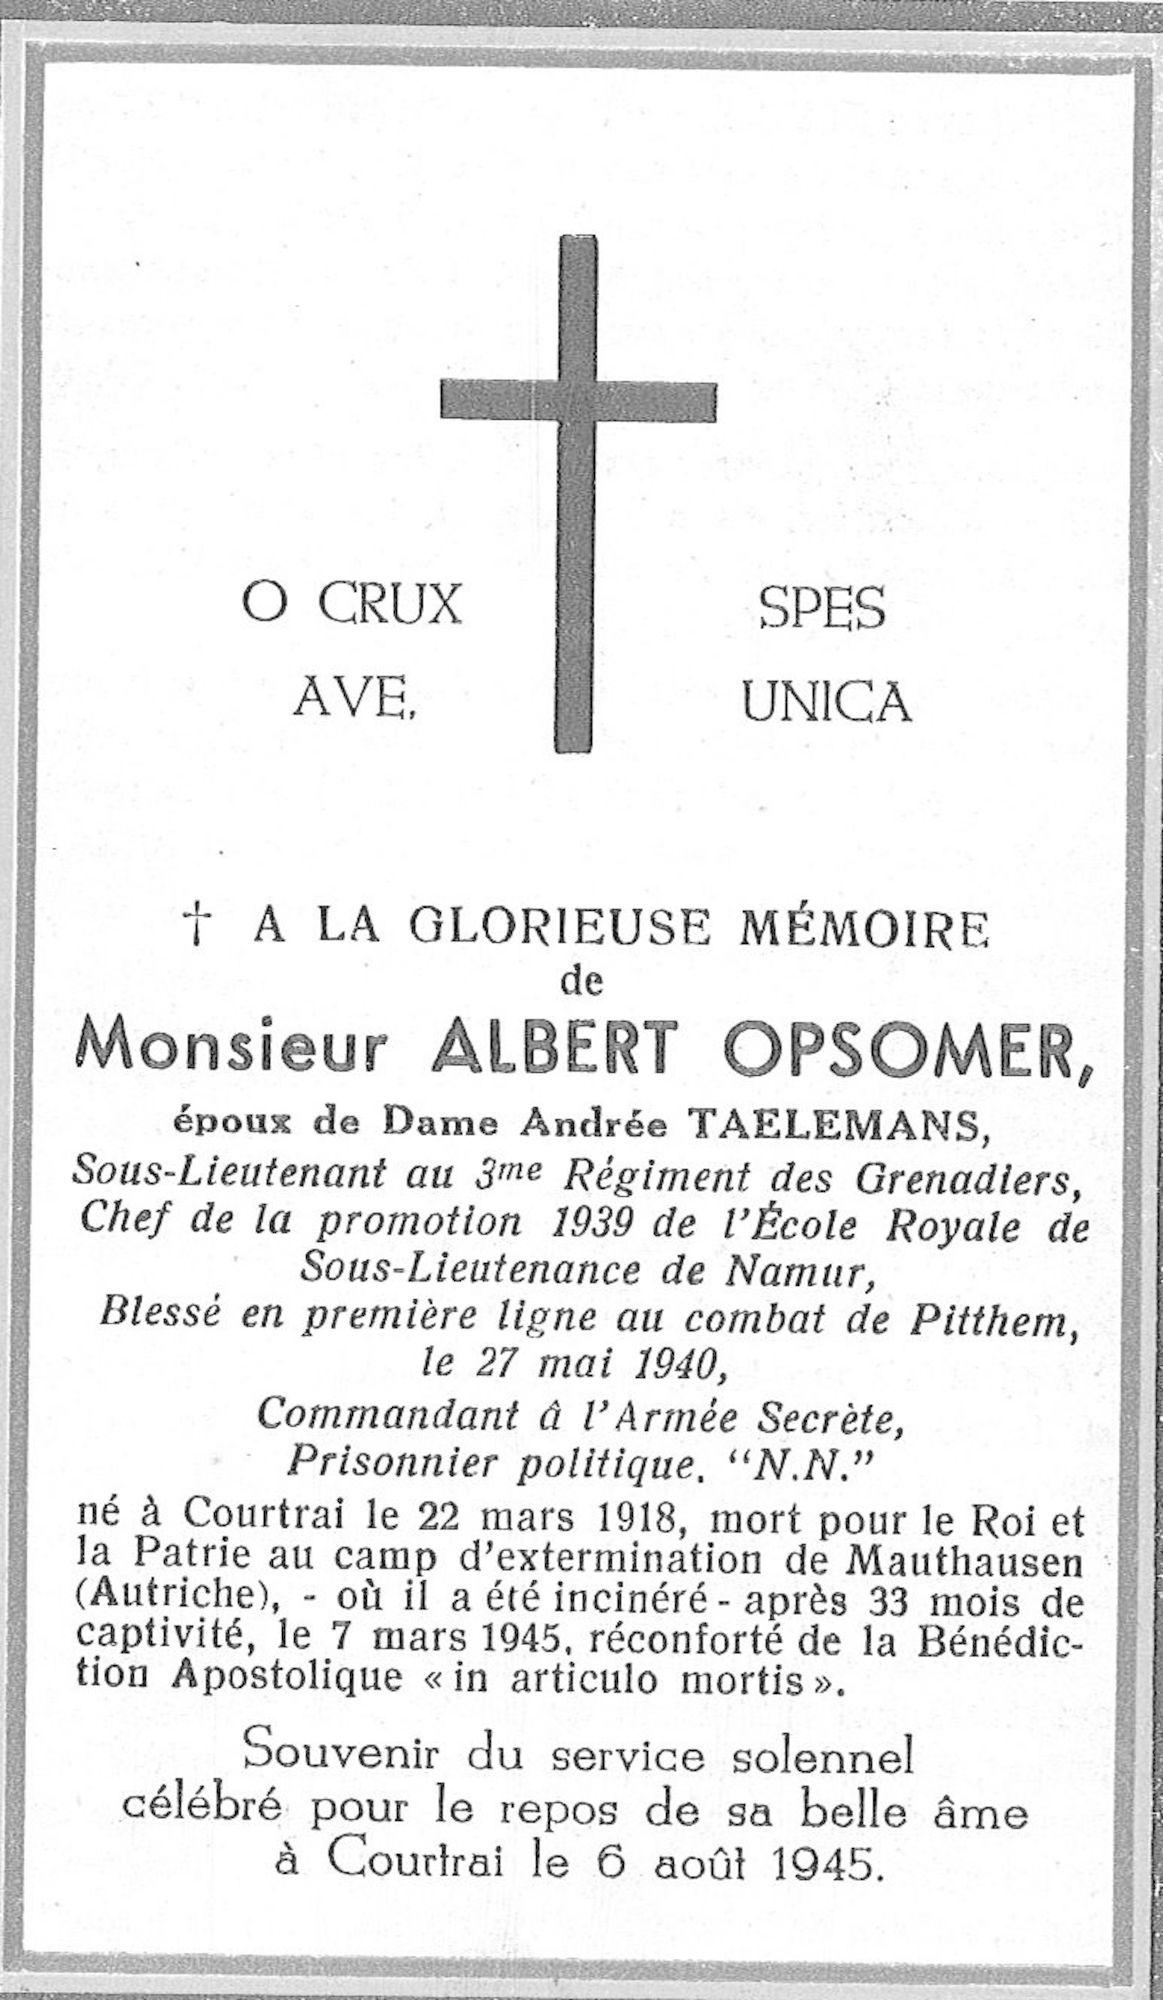 Albert Opsomer